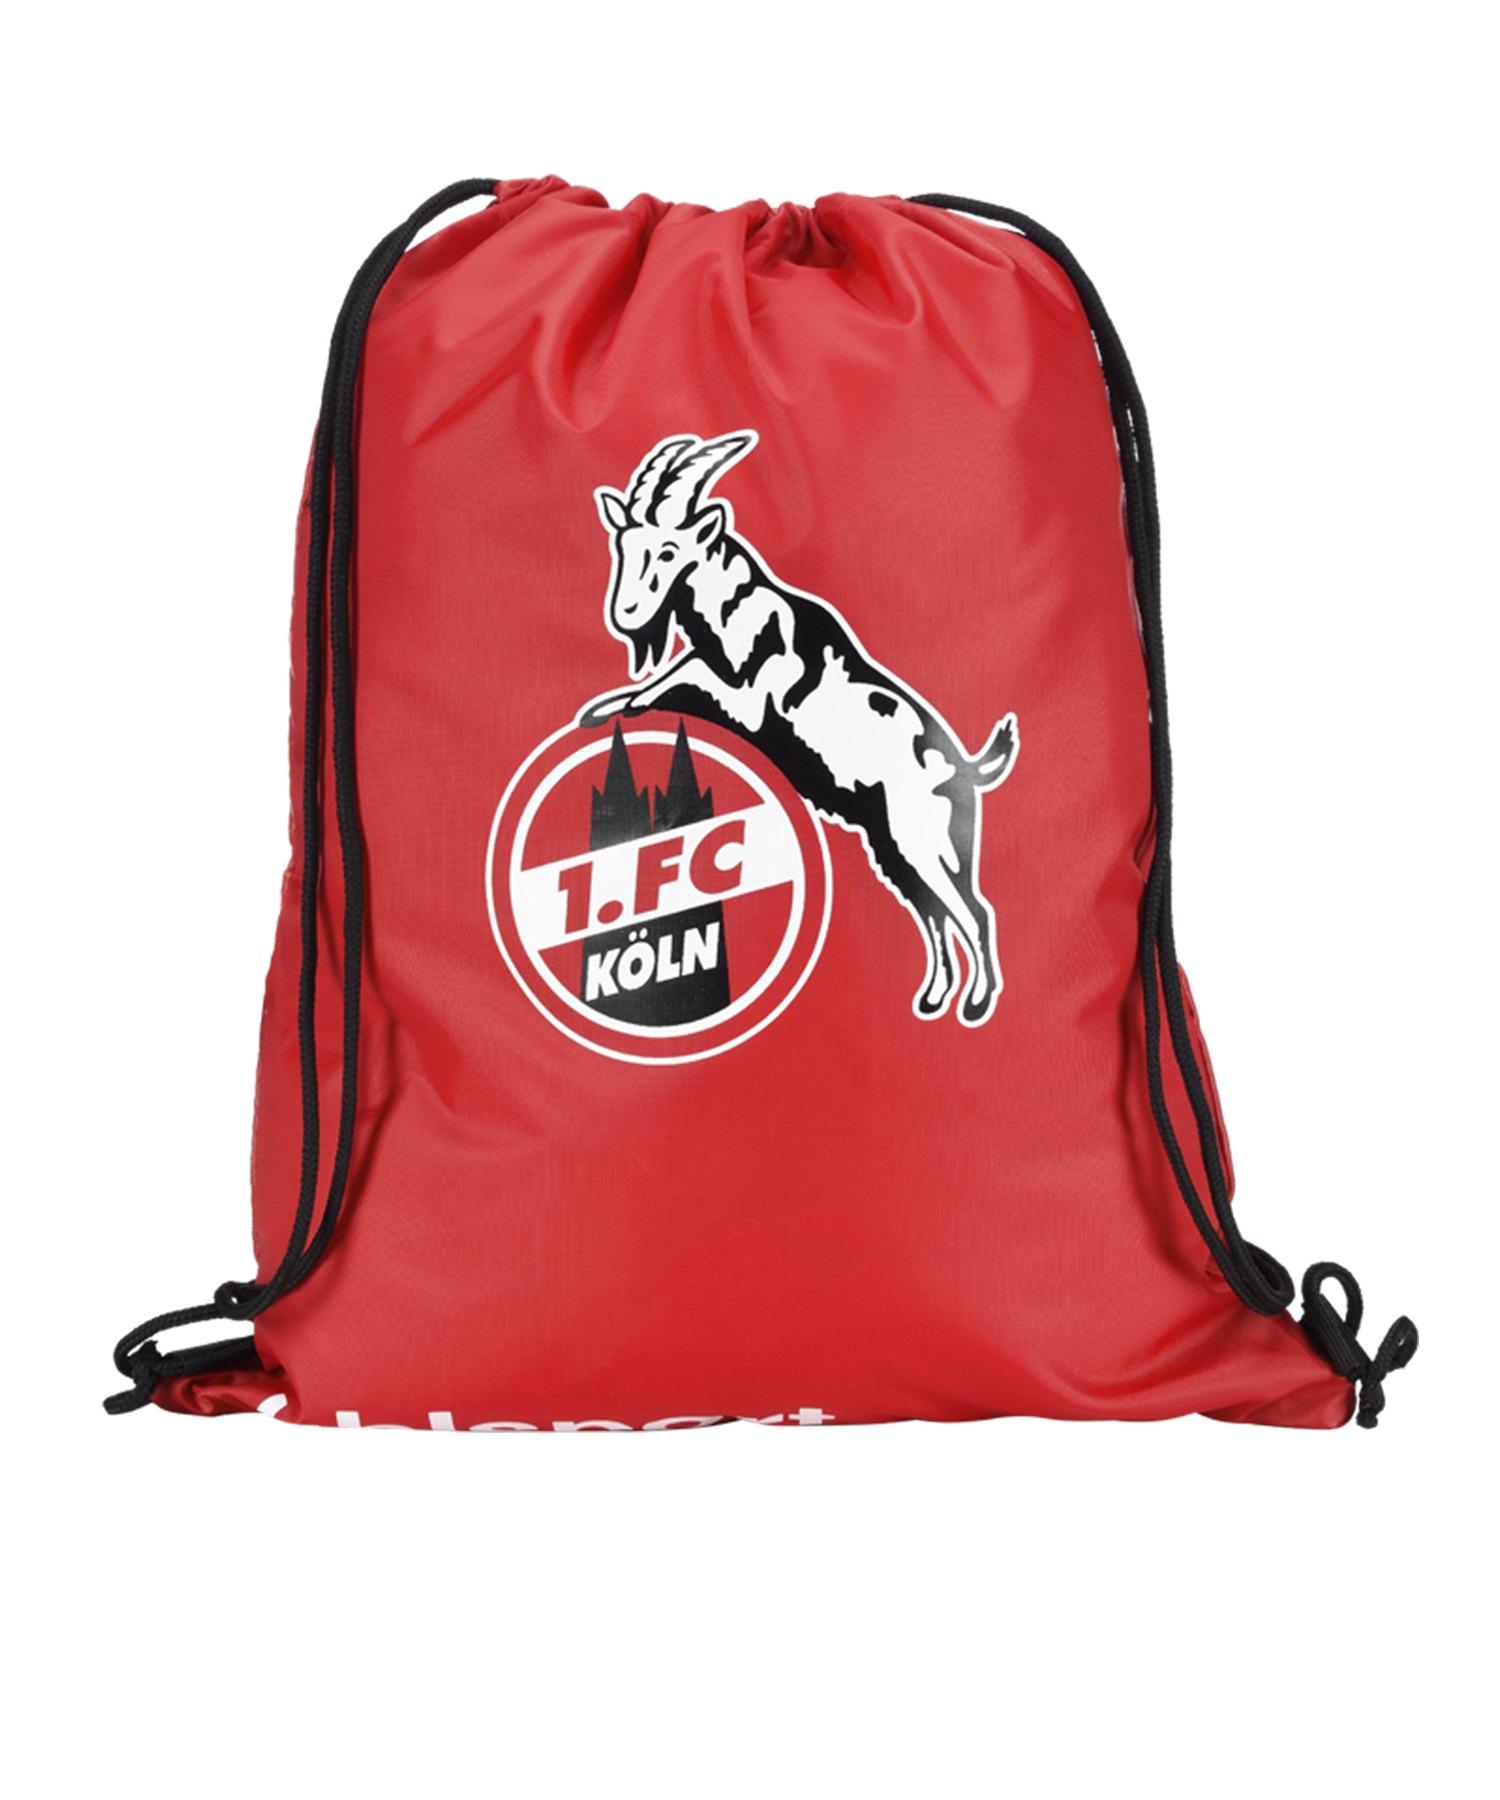 Uhlsport 1. FC Köln Gymbag Rot Schwarz - rot